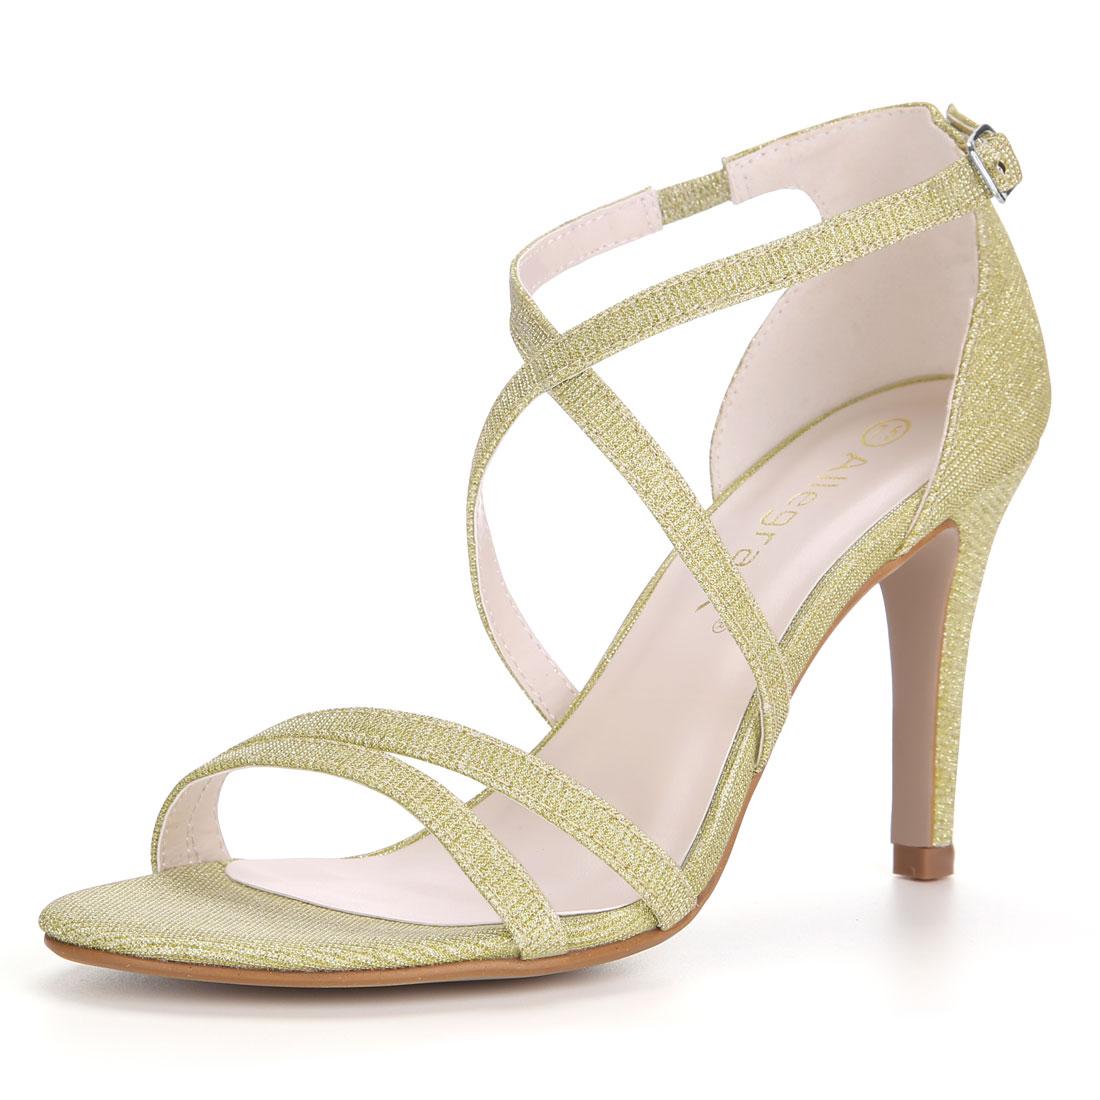 Allegra K Women's Glitter Design Stiletto Heel Strappy Sandals Gold US 9